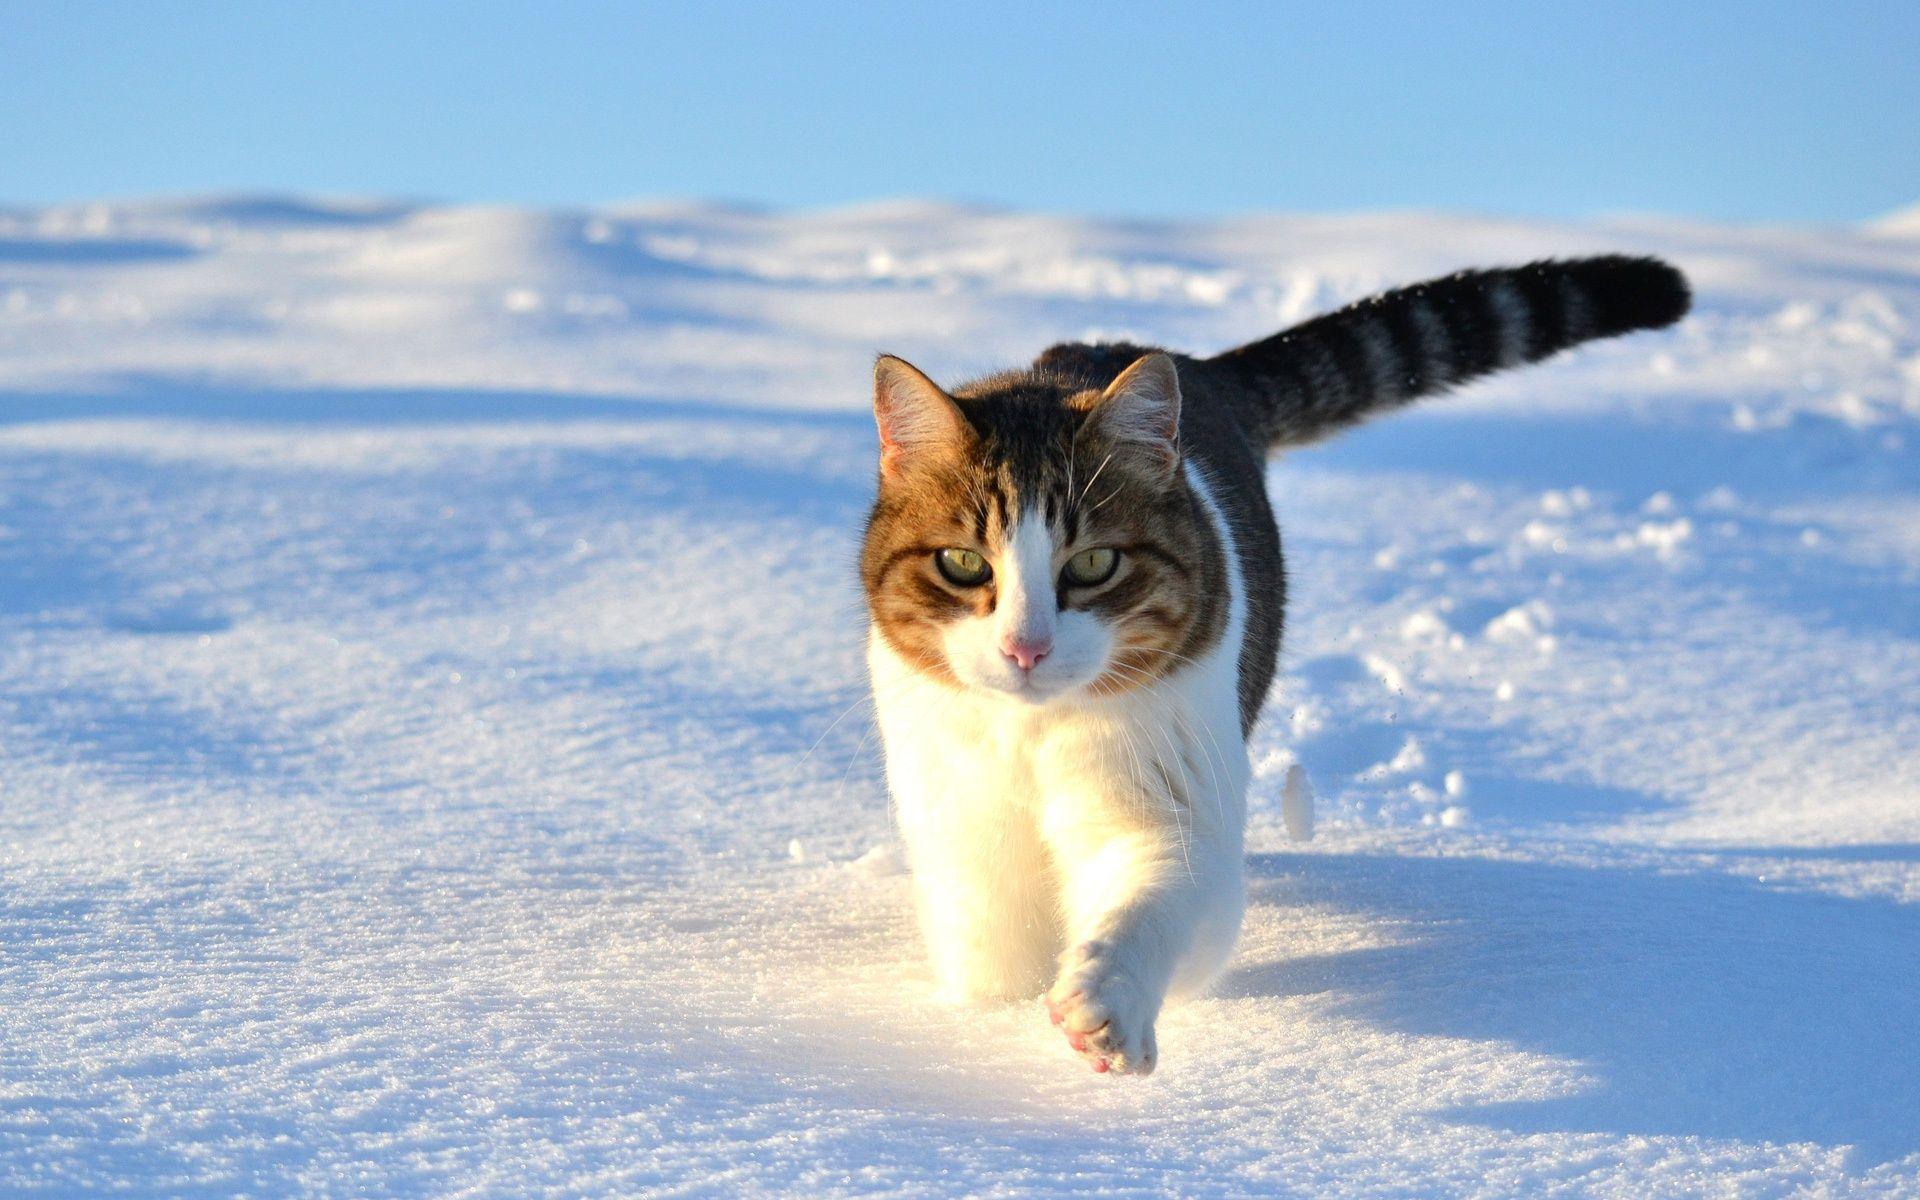 かわいい猫 かわいい猫は 雪の冬を歩いて 壁紙 1920x1200 壁紙